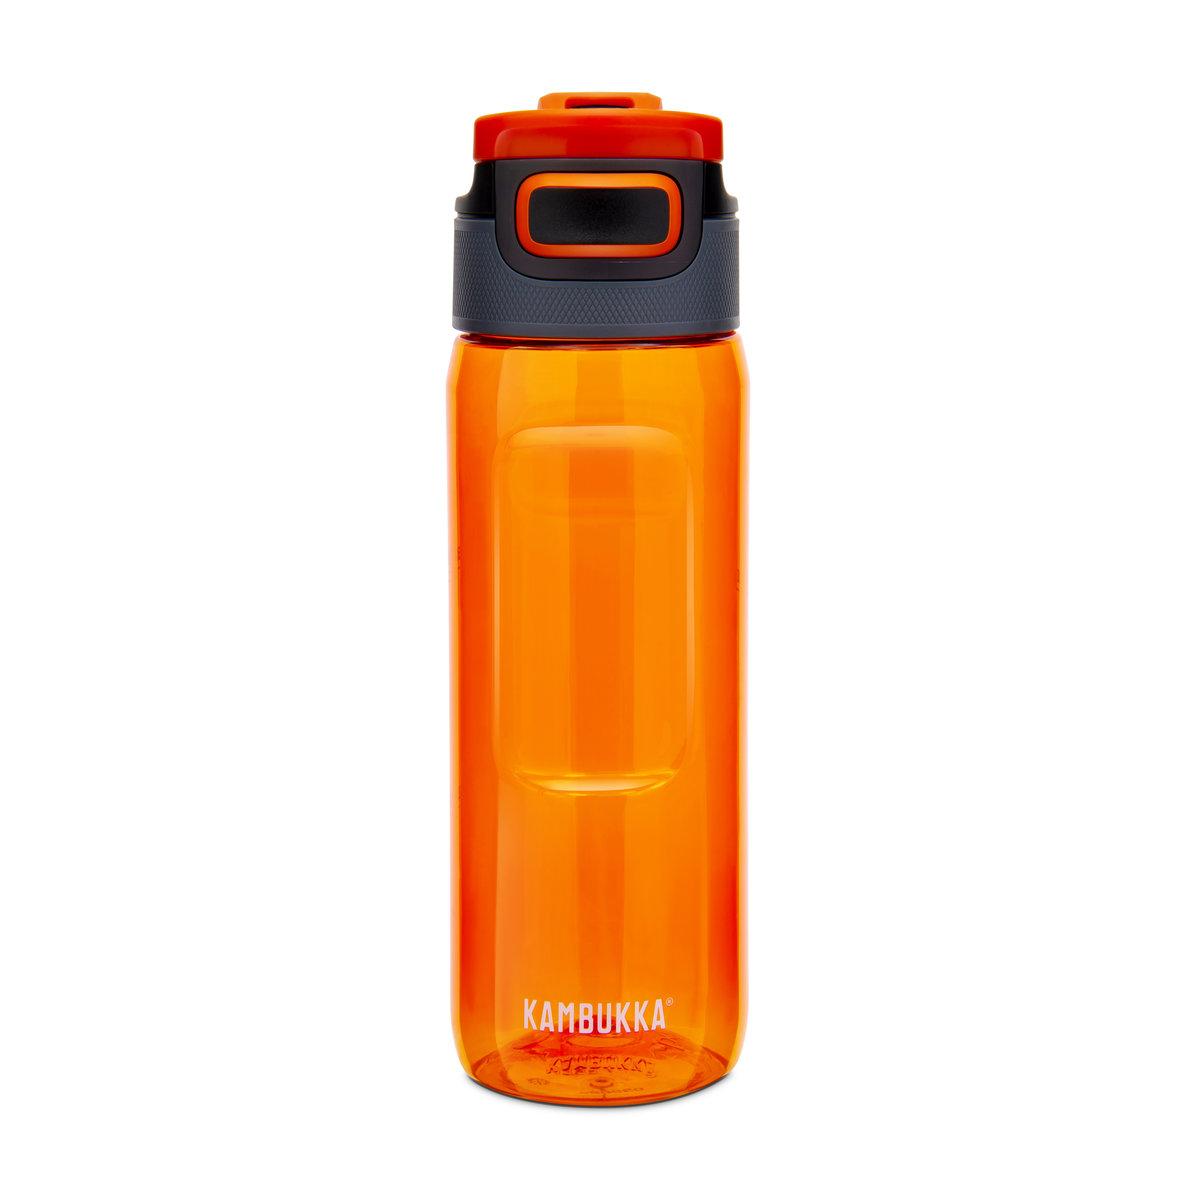 Kambukka Elton 3 in 1 Snap clean Water Bottle (Tritan) 25oz (750ml) - Amber